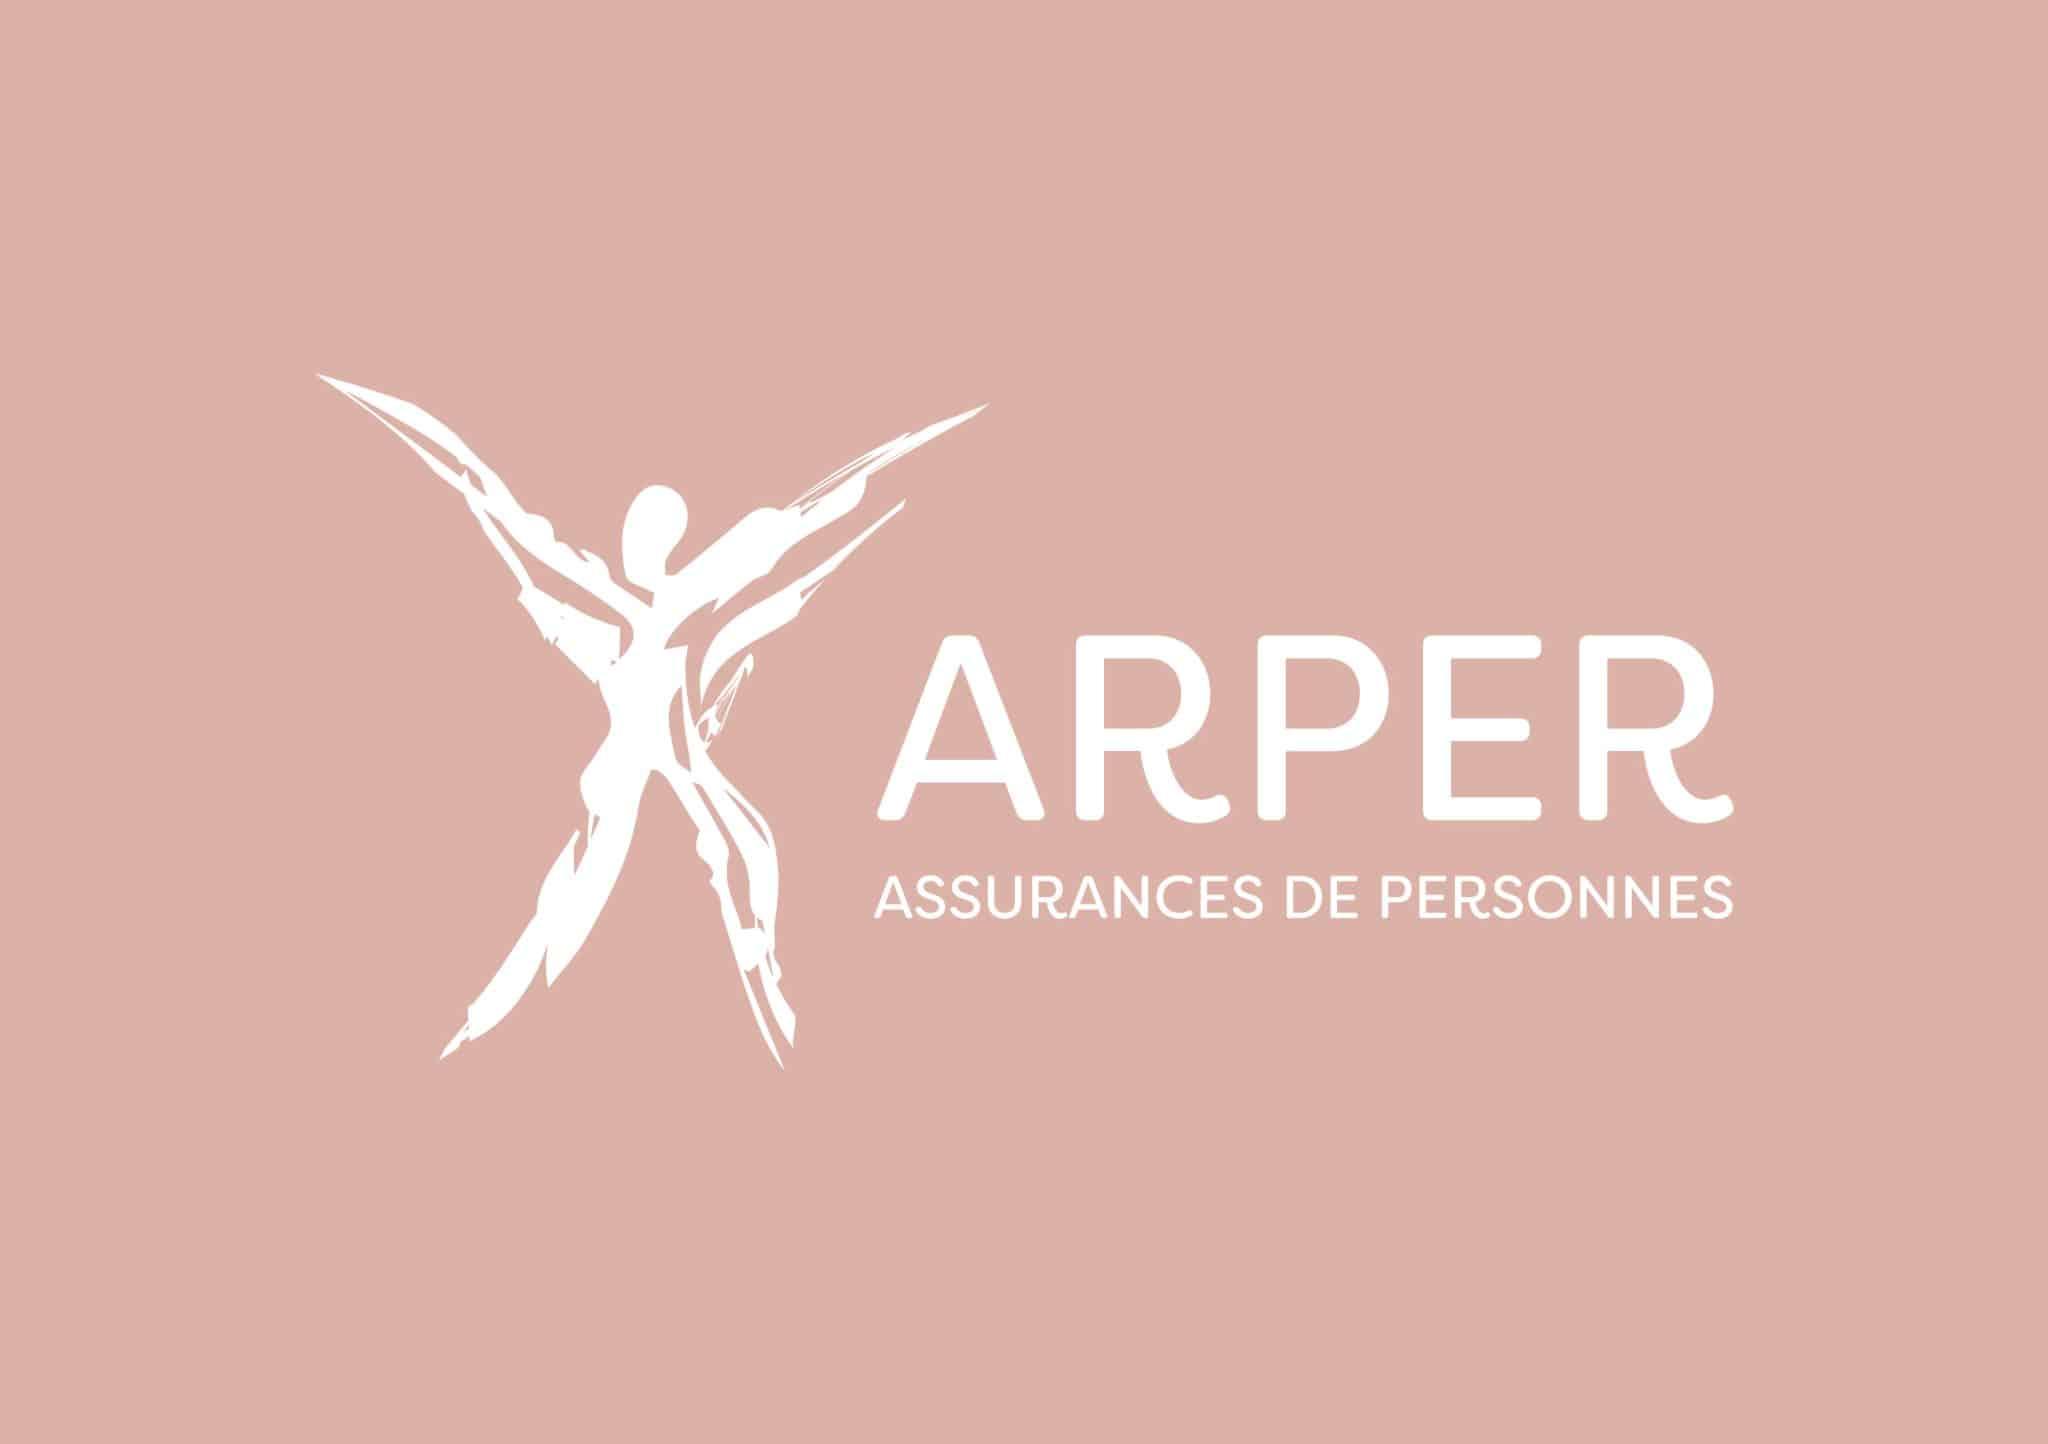 Le logo d'Arper